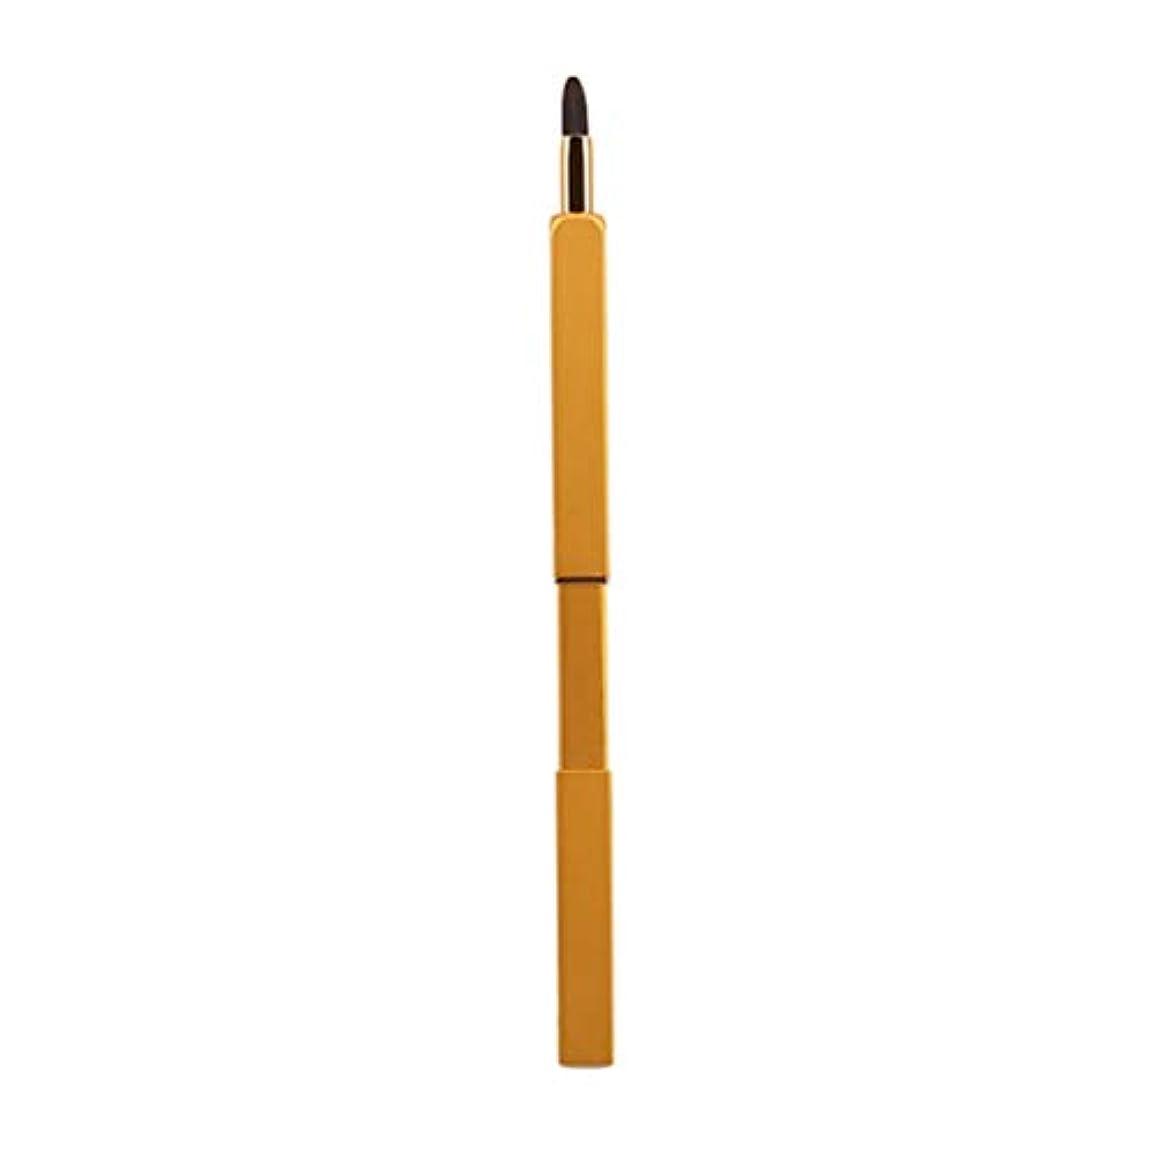 余計な女優お客様Lurrose 引き込み式のリップブラシの柔らかいナイロン繊維の口紅の金属の管が付いている携帯用構造のブラシ(黄色)